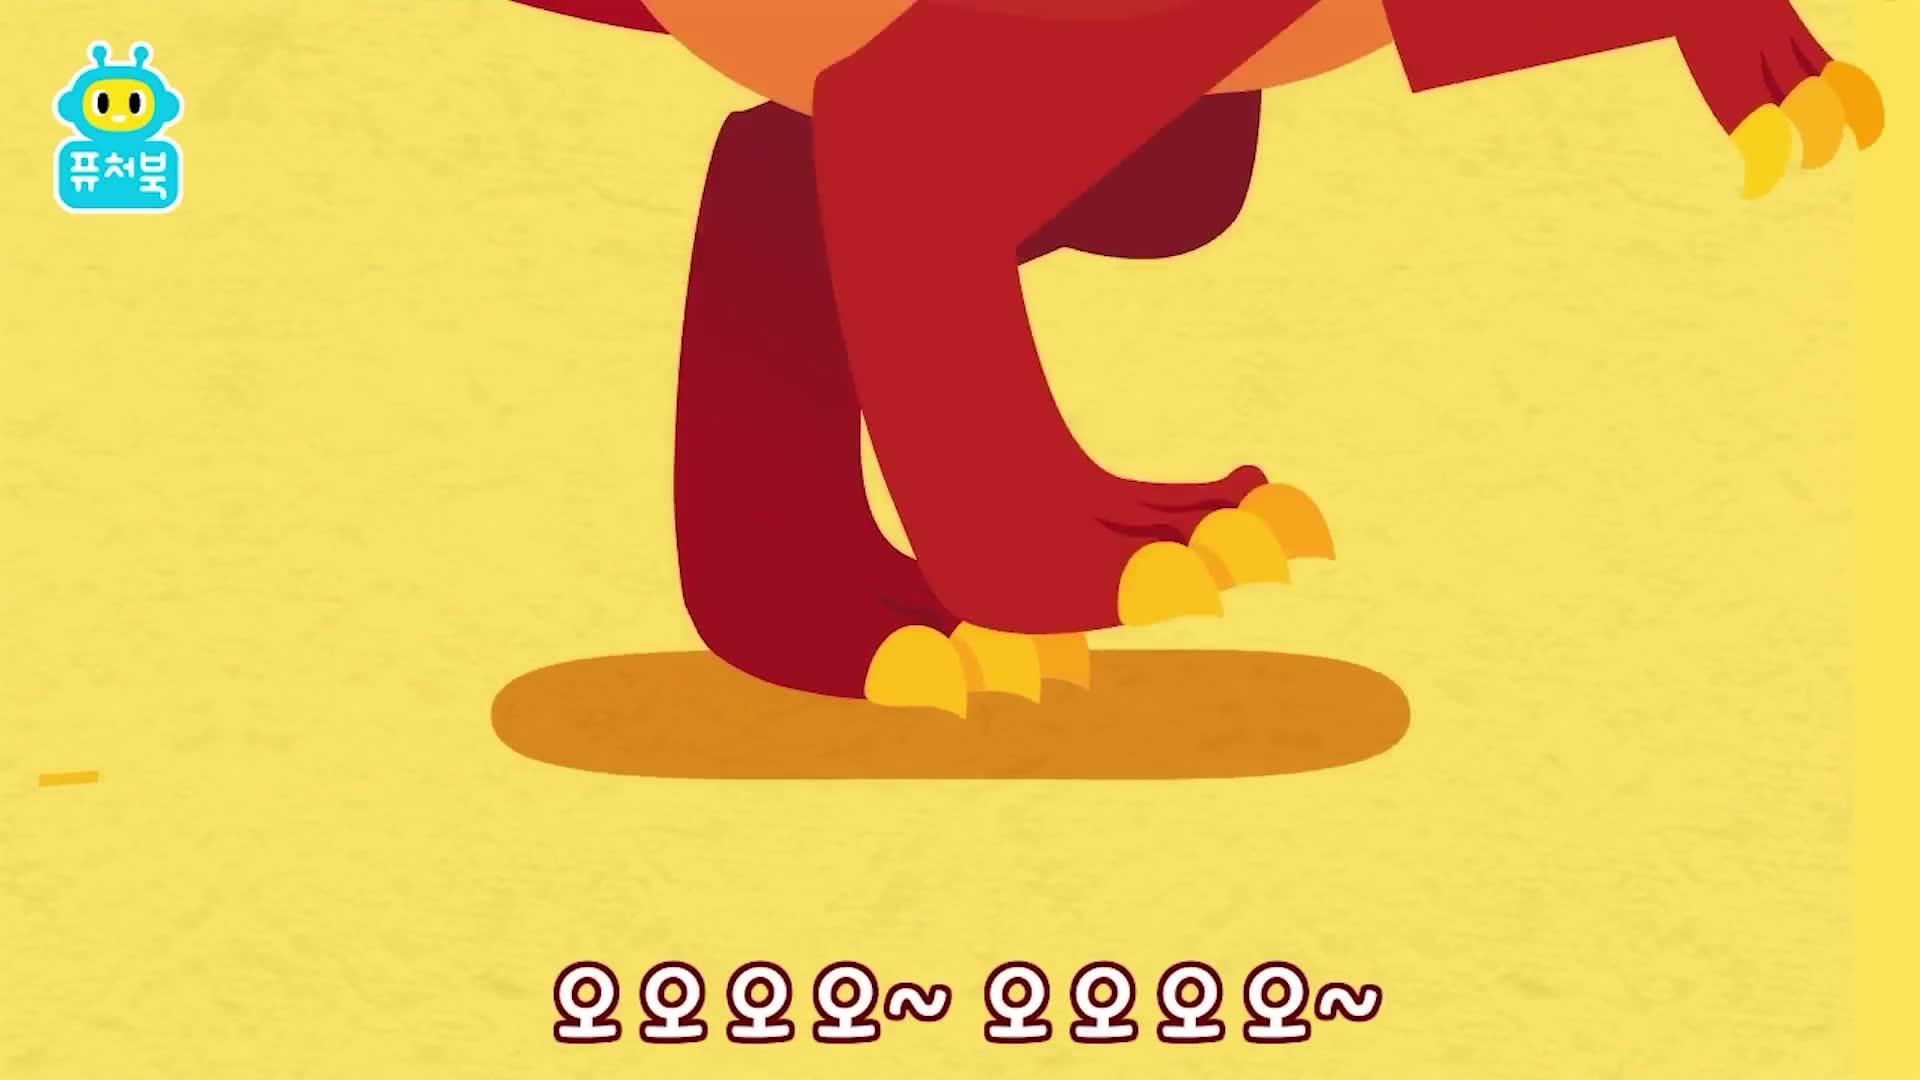 3화 공룡의 왕!